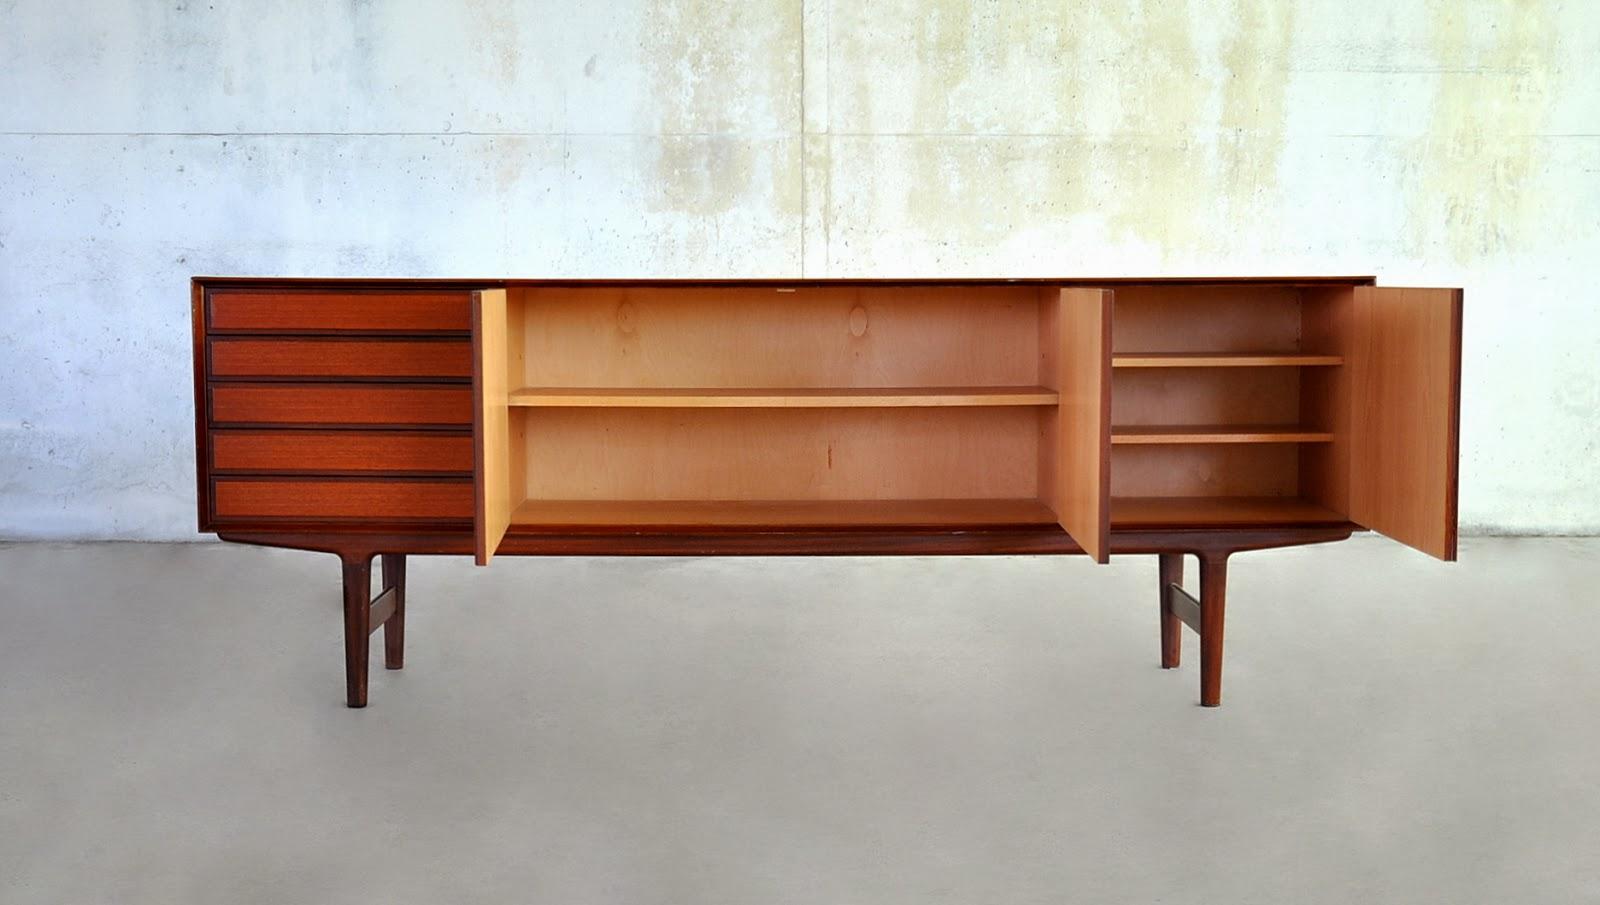 Danish Style Credenza : Select modern: danish modern teak credenza bar sideboard buffet